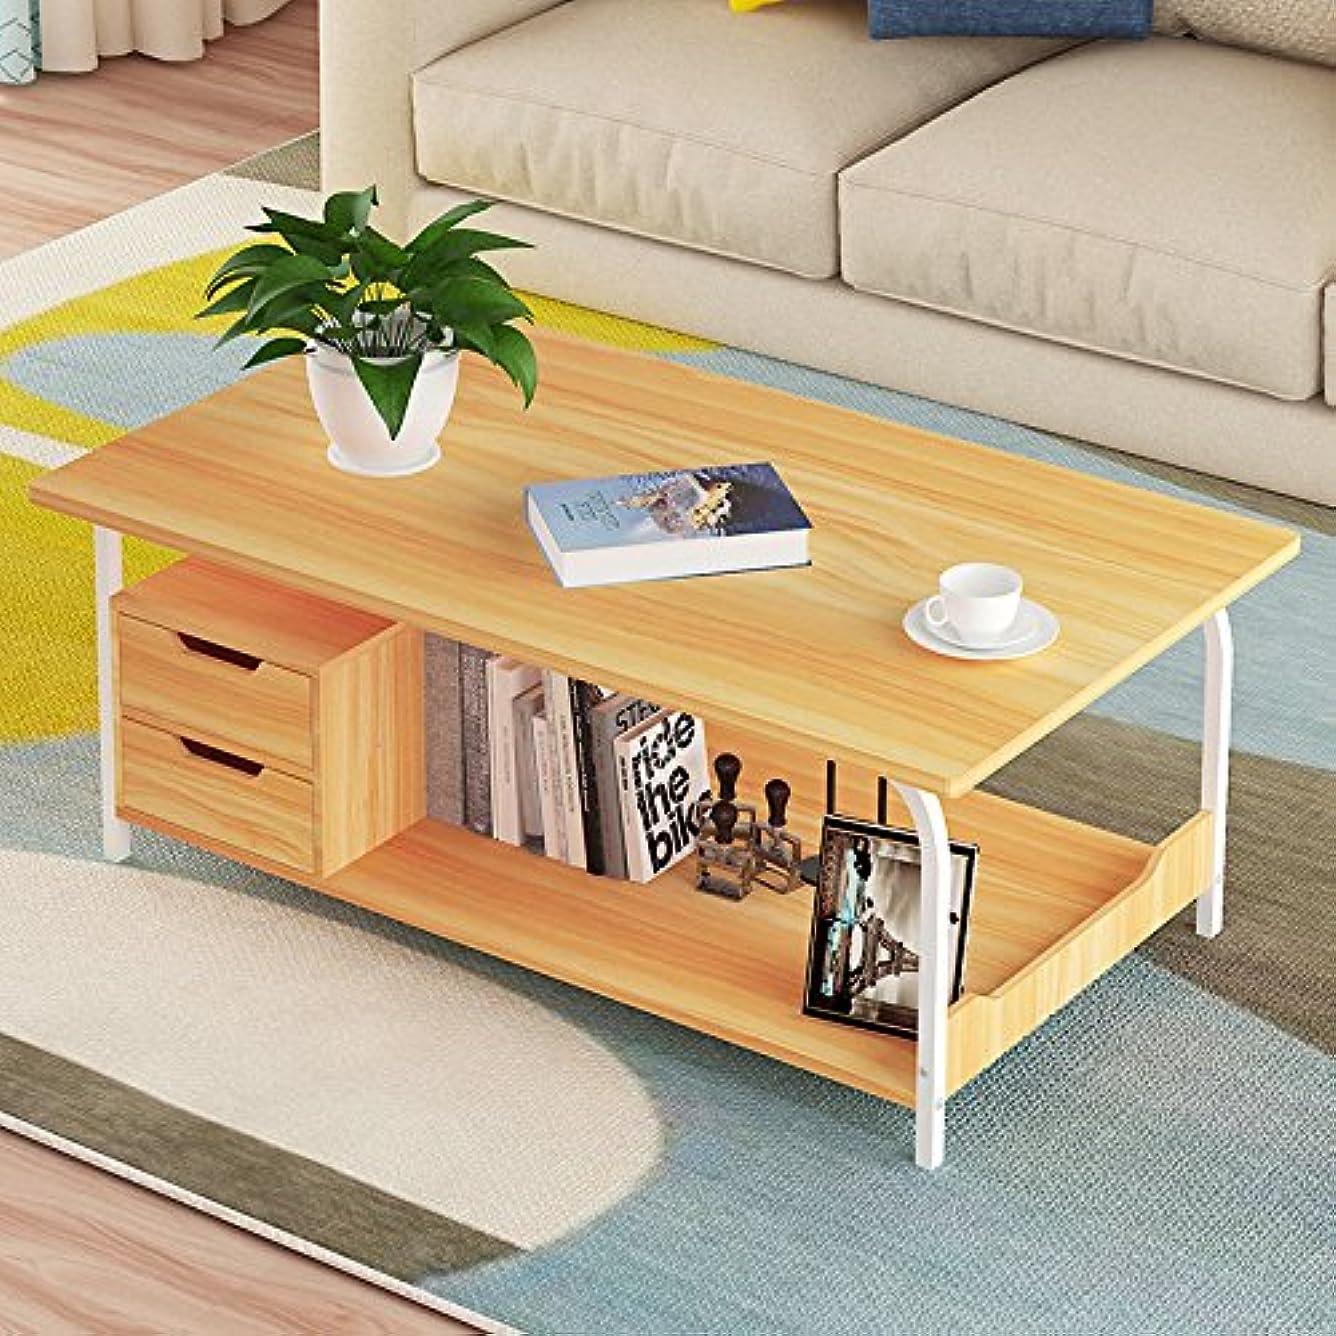 振り返る無視便利Hicy センターテーブル ココア テーブル 両側スライド収納付き 座卓 ちゃぶ台 80cm (ナチュラル) (ナチュラル)